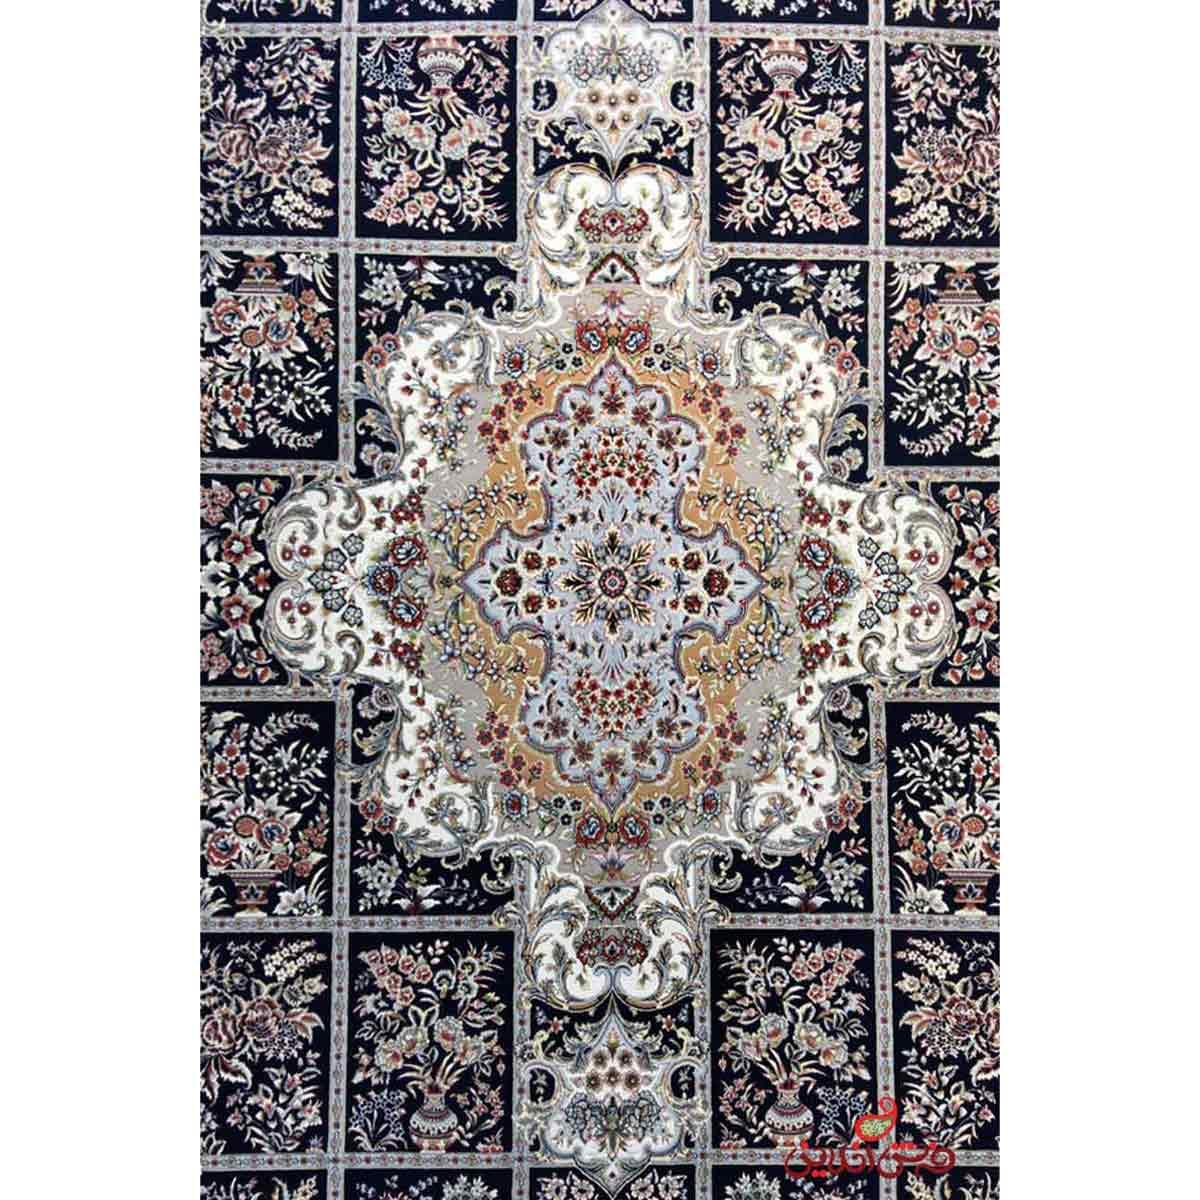 فرش ماشینی هایبالک مشهد اردهال کد 118 مشکی پرکلاغی